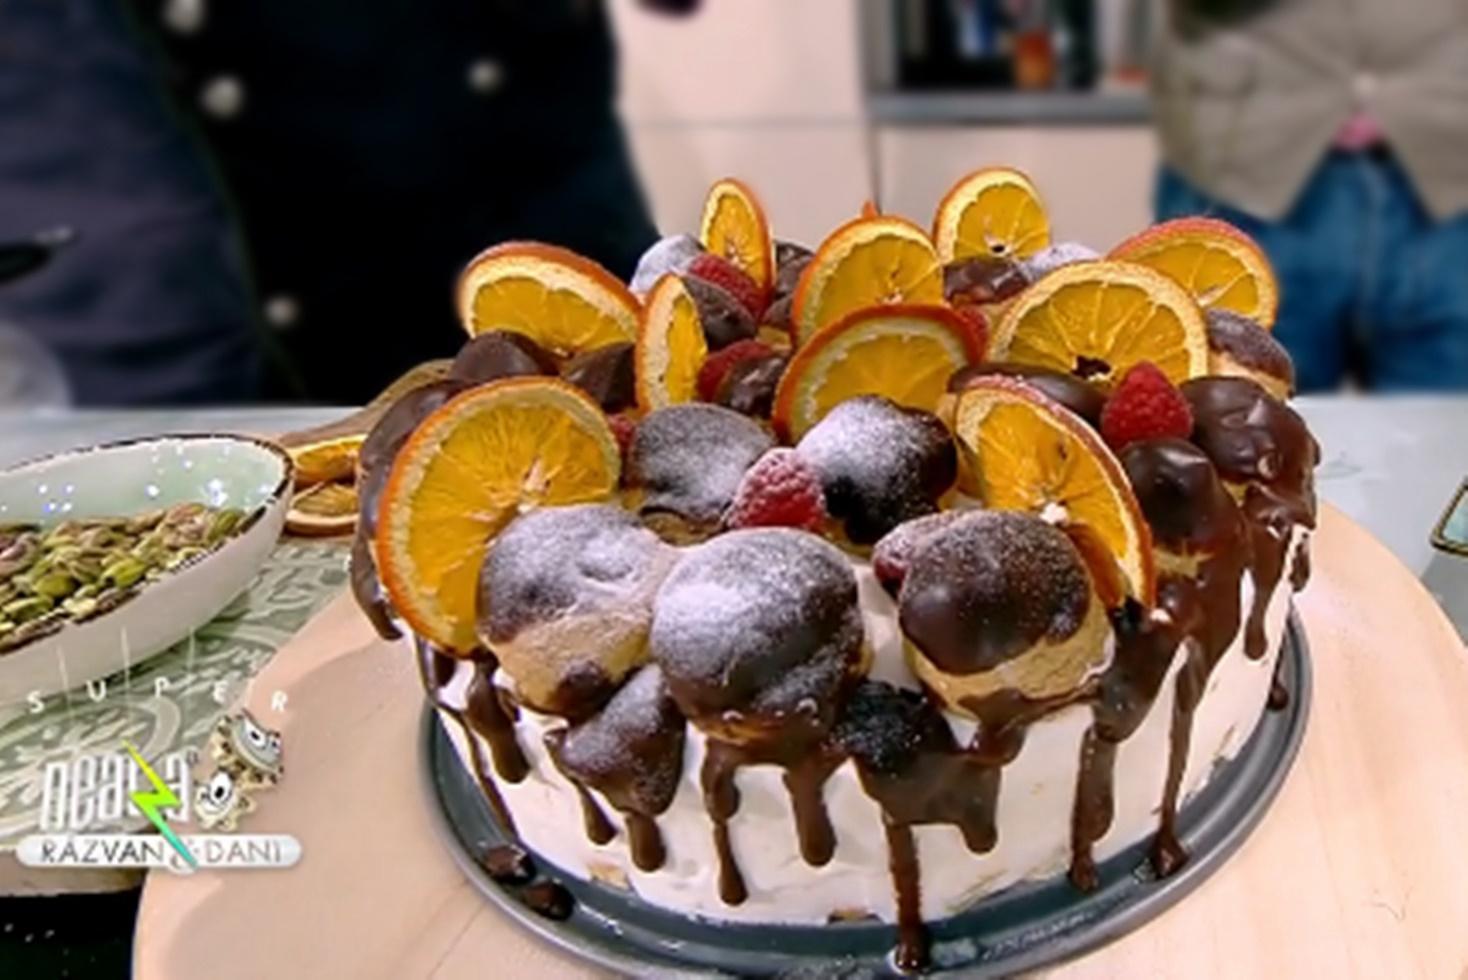 Rețetă de tort cu pișcoturi și cremă de frișcă cu portocale, preparată de Vlăduț la Neatza cu Răzvan şi Dani